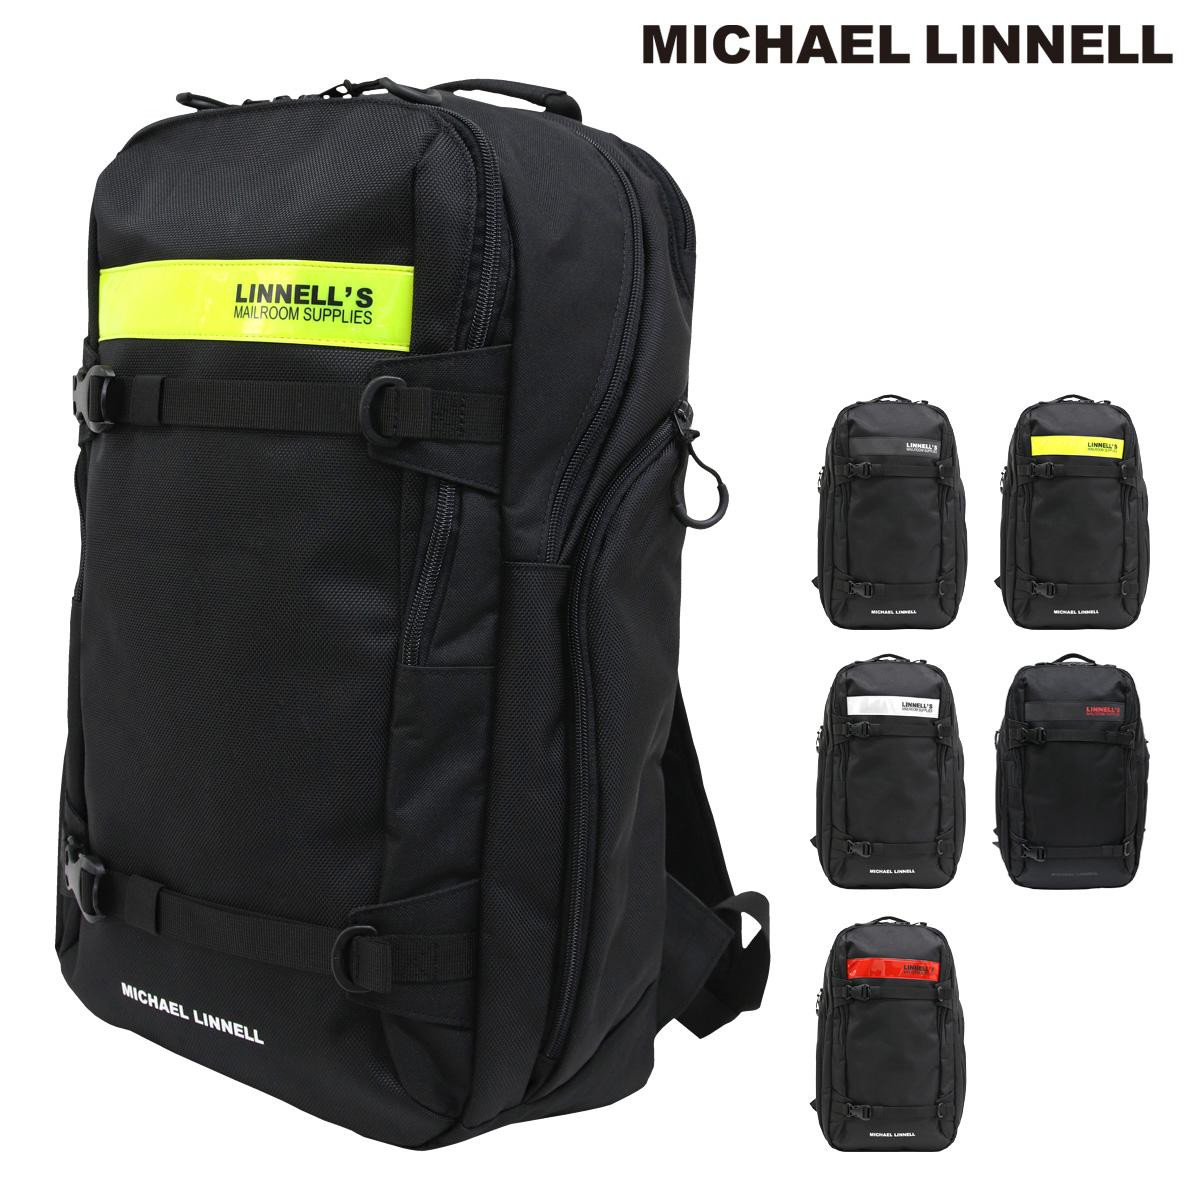 マイケルリンネル リュック 29L メンズ レディース ML-030 MICHAEL LINNELL | リュックサック [PO10][母の日]